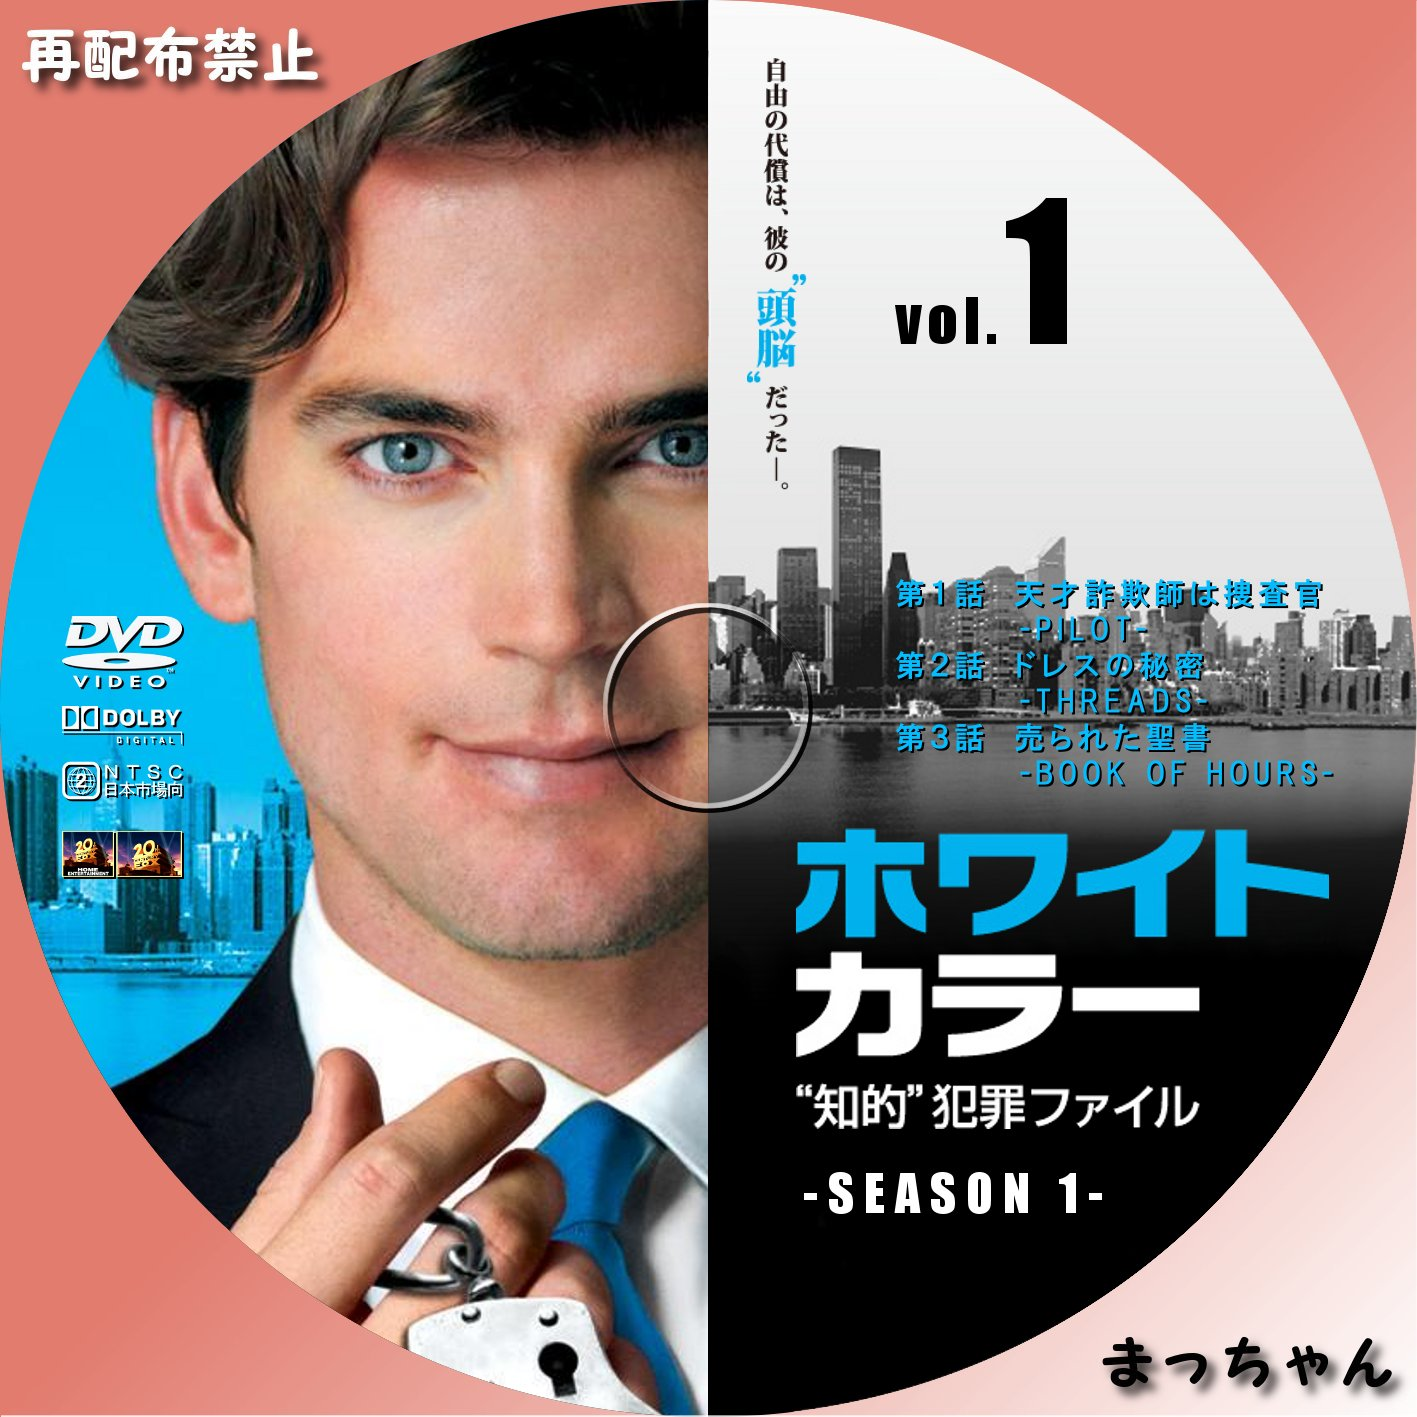 ホワイトカラー/シーズン1 まっちゃんの☆自作DVDラベル☆